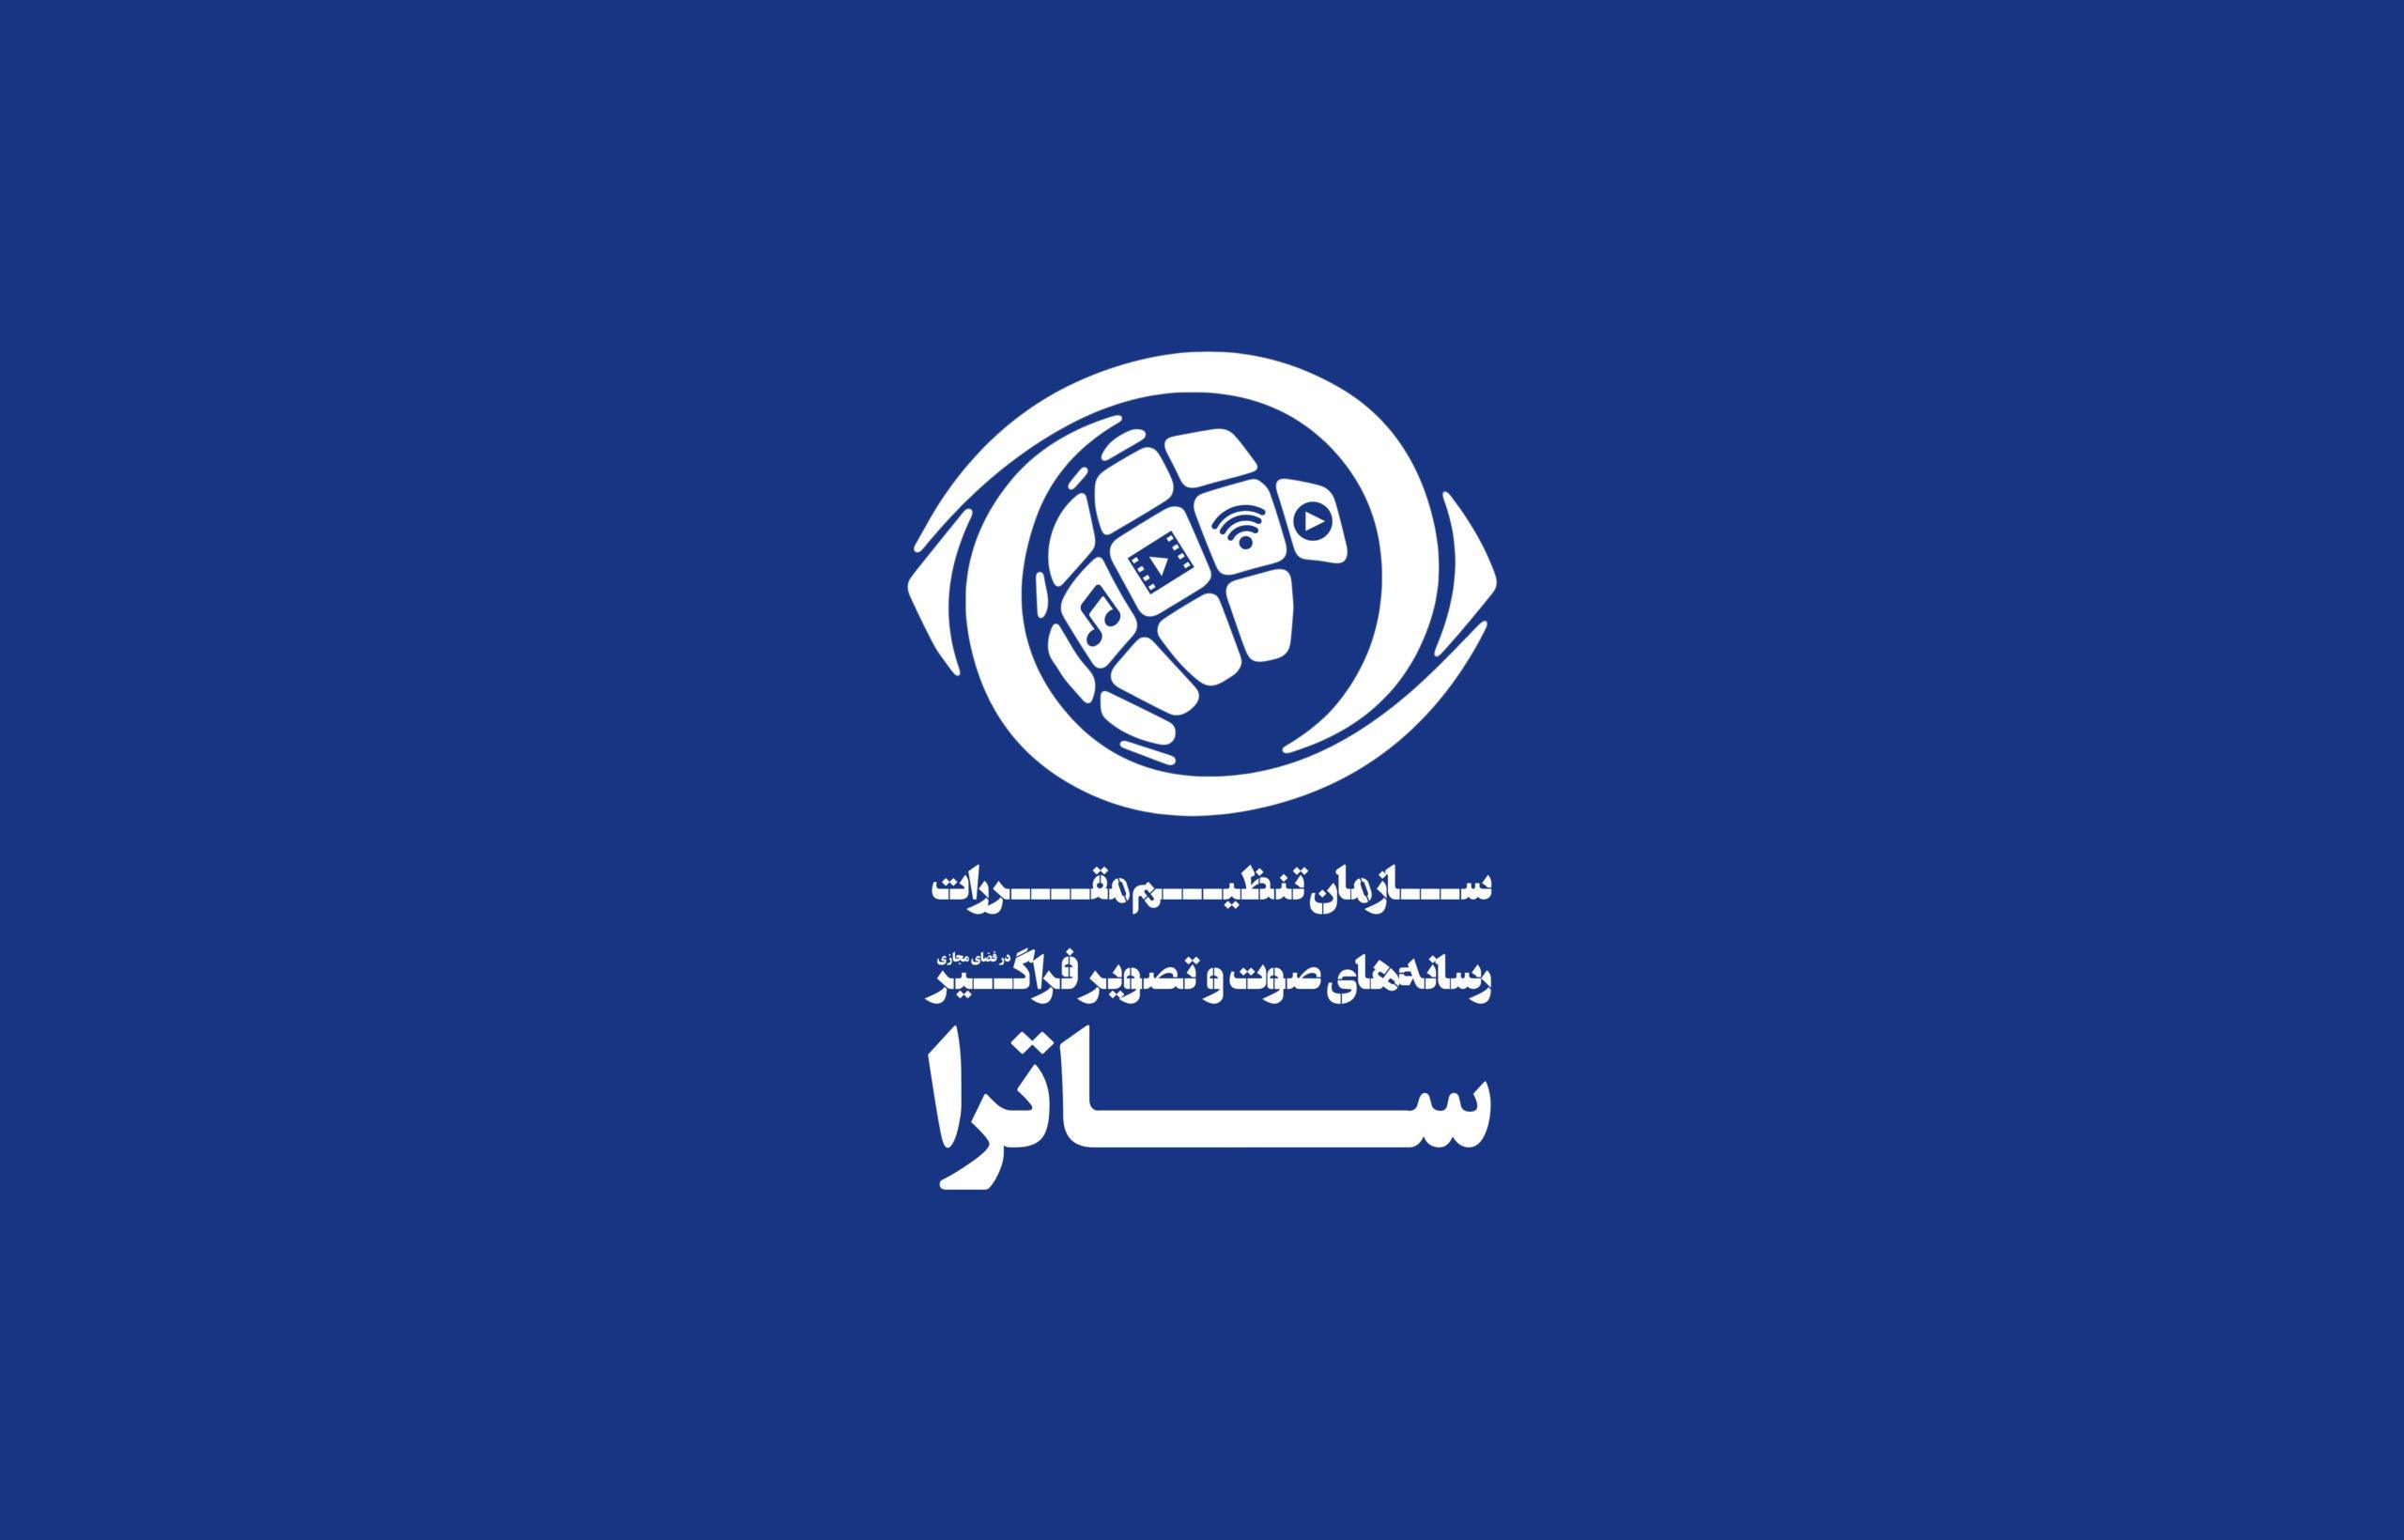 افزایش انتقادها به نقش و جایگاه ساترا پس از دستور حذف یک مصاحبه انتخاباتی از آپارات